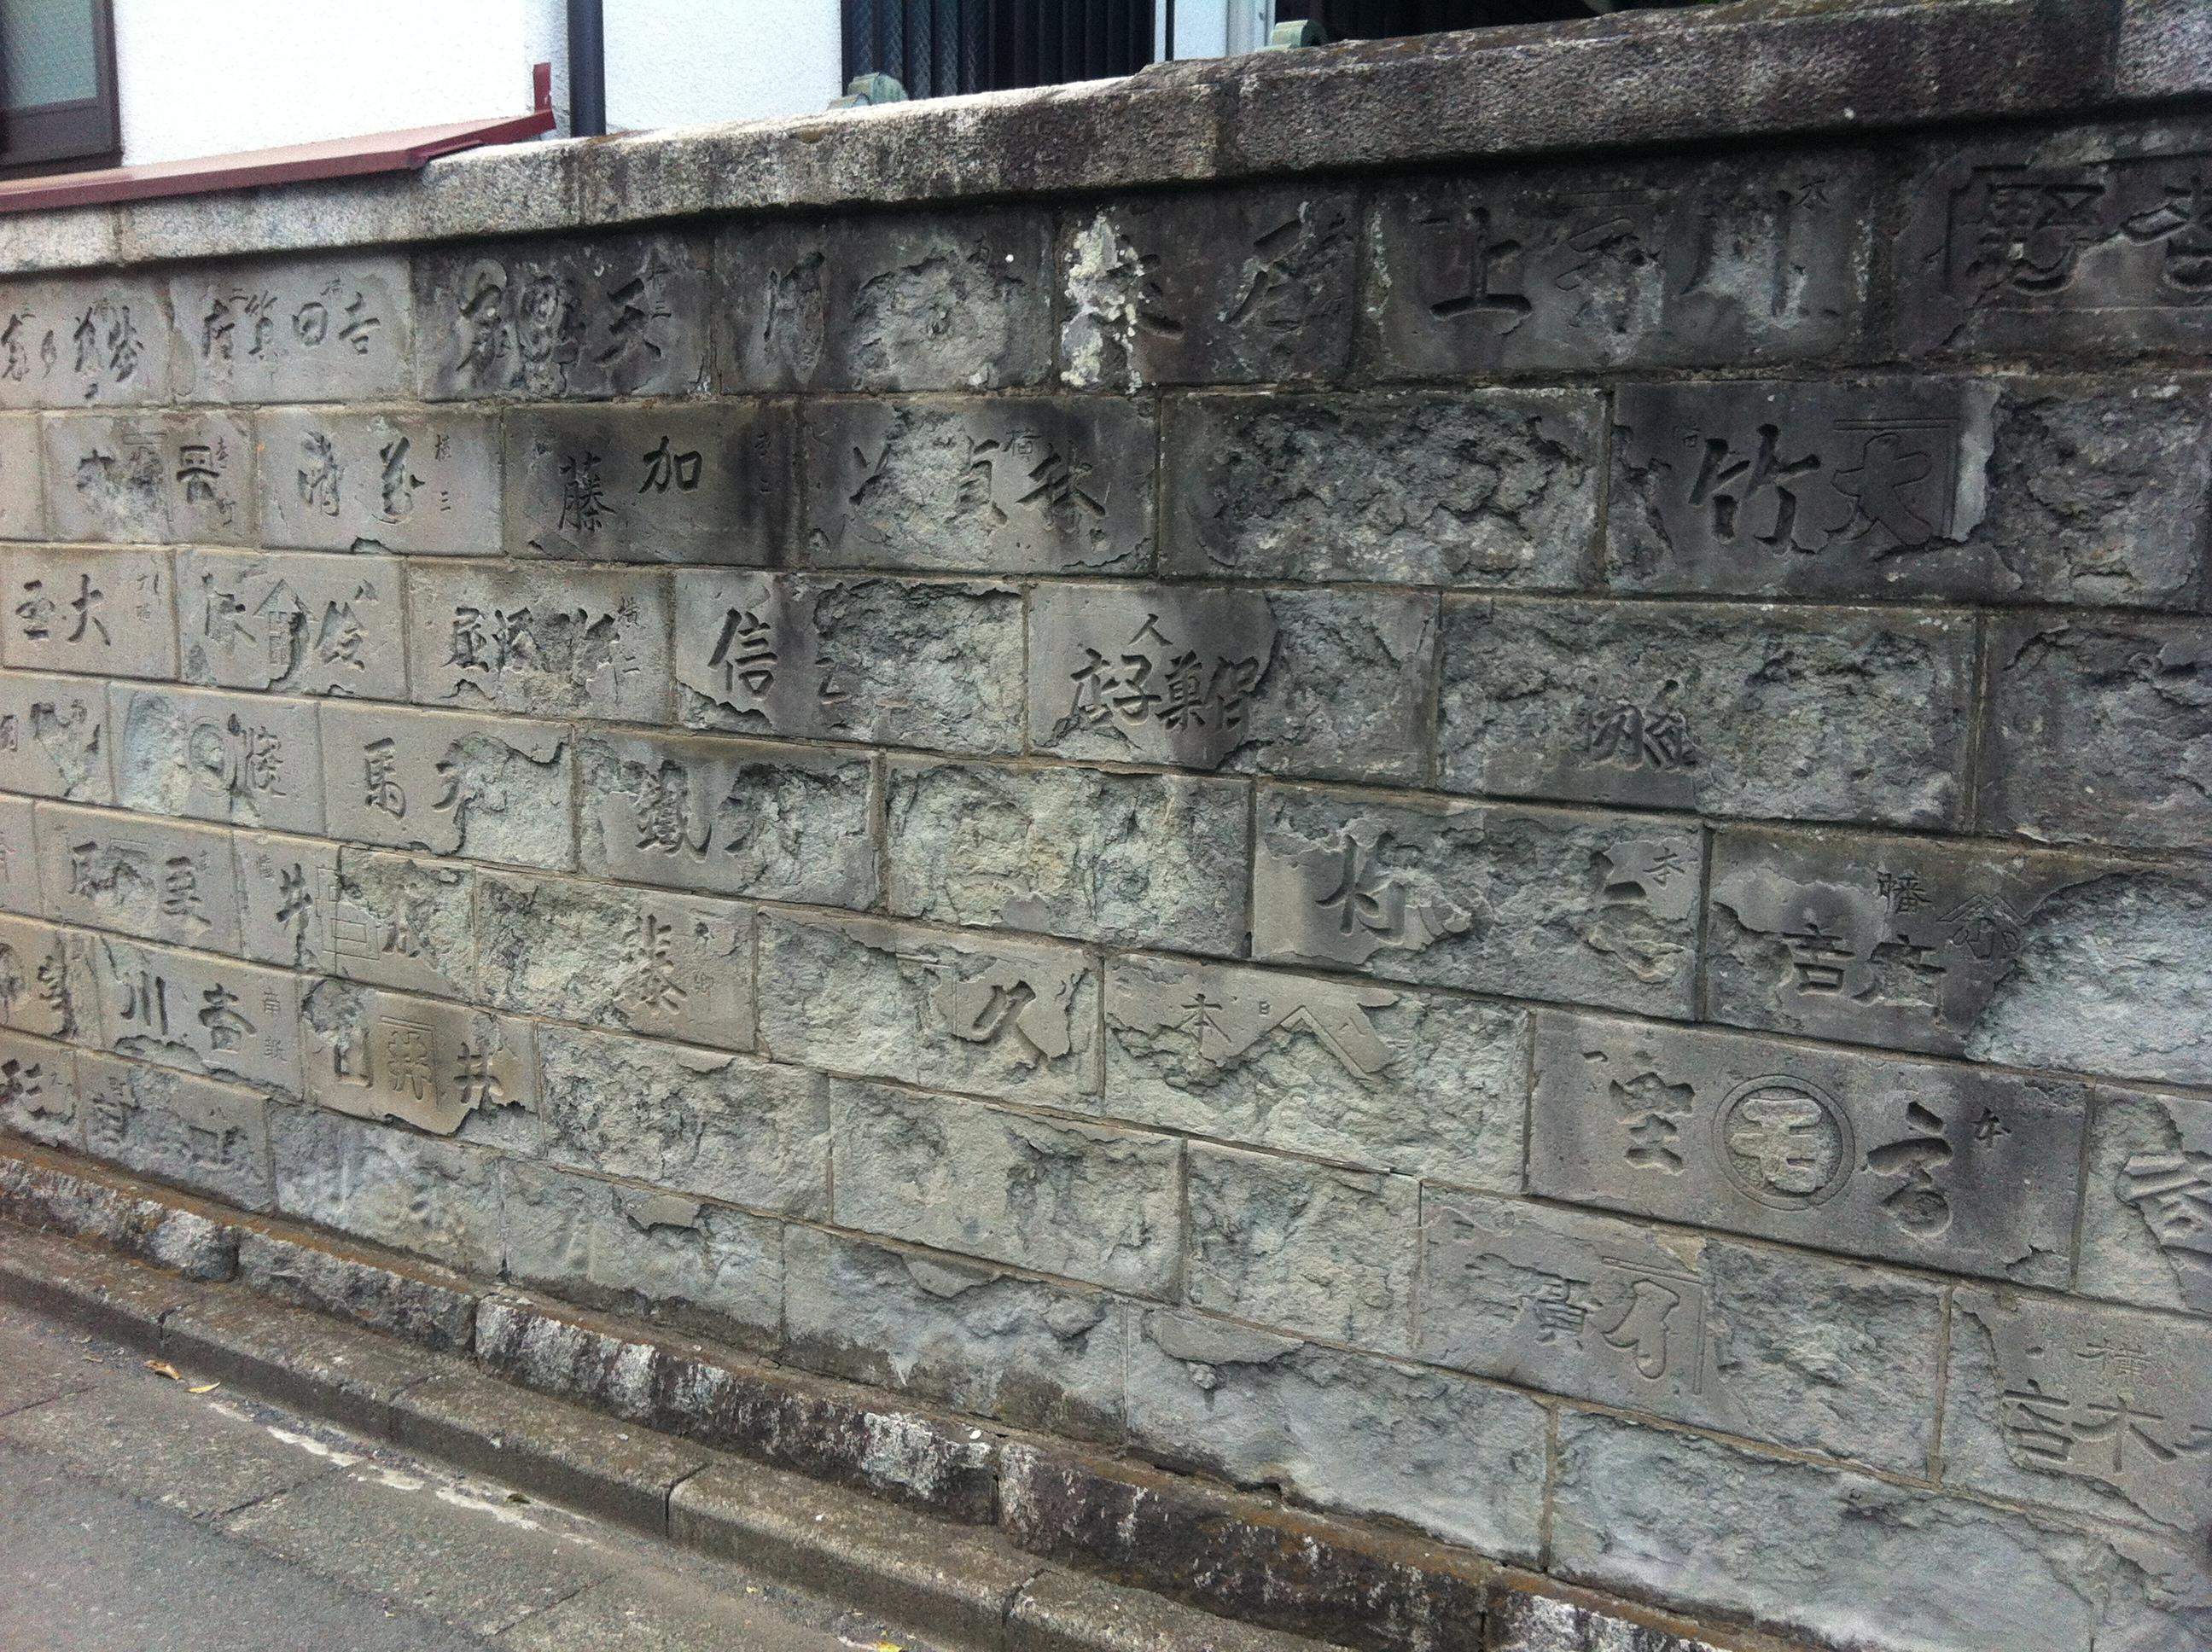 傳法院の石塀